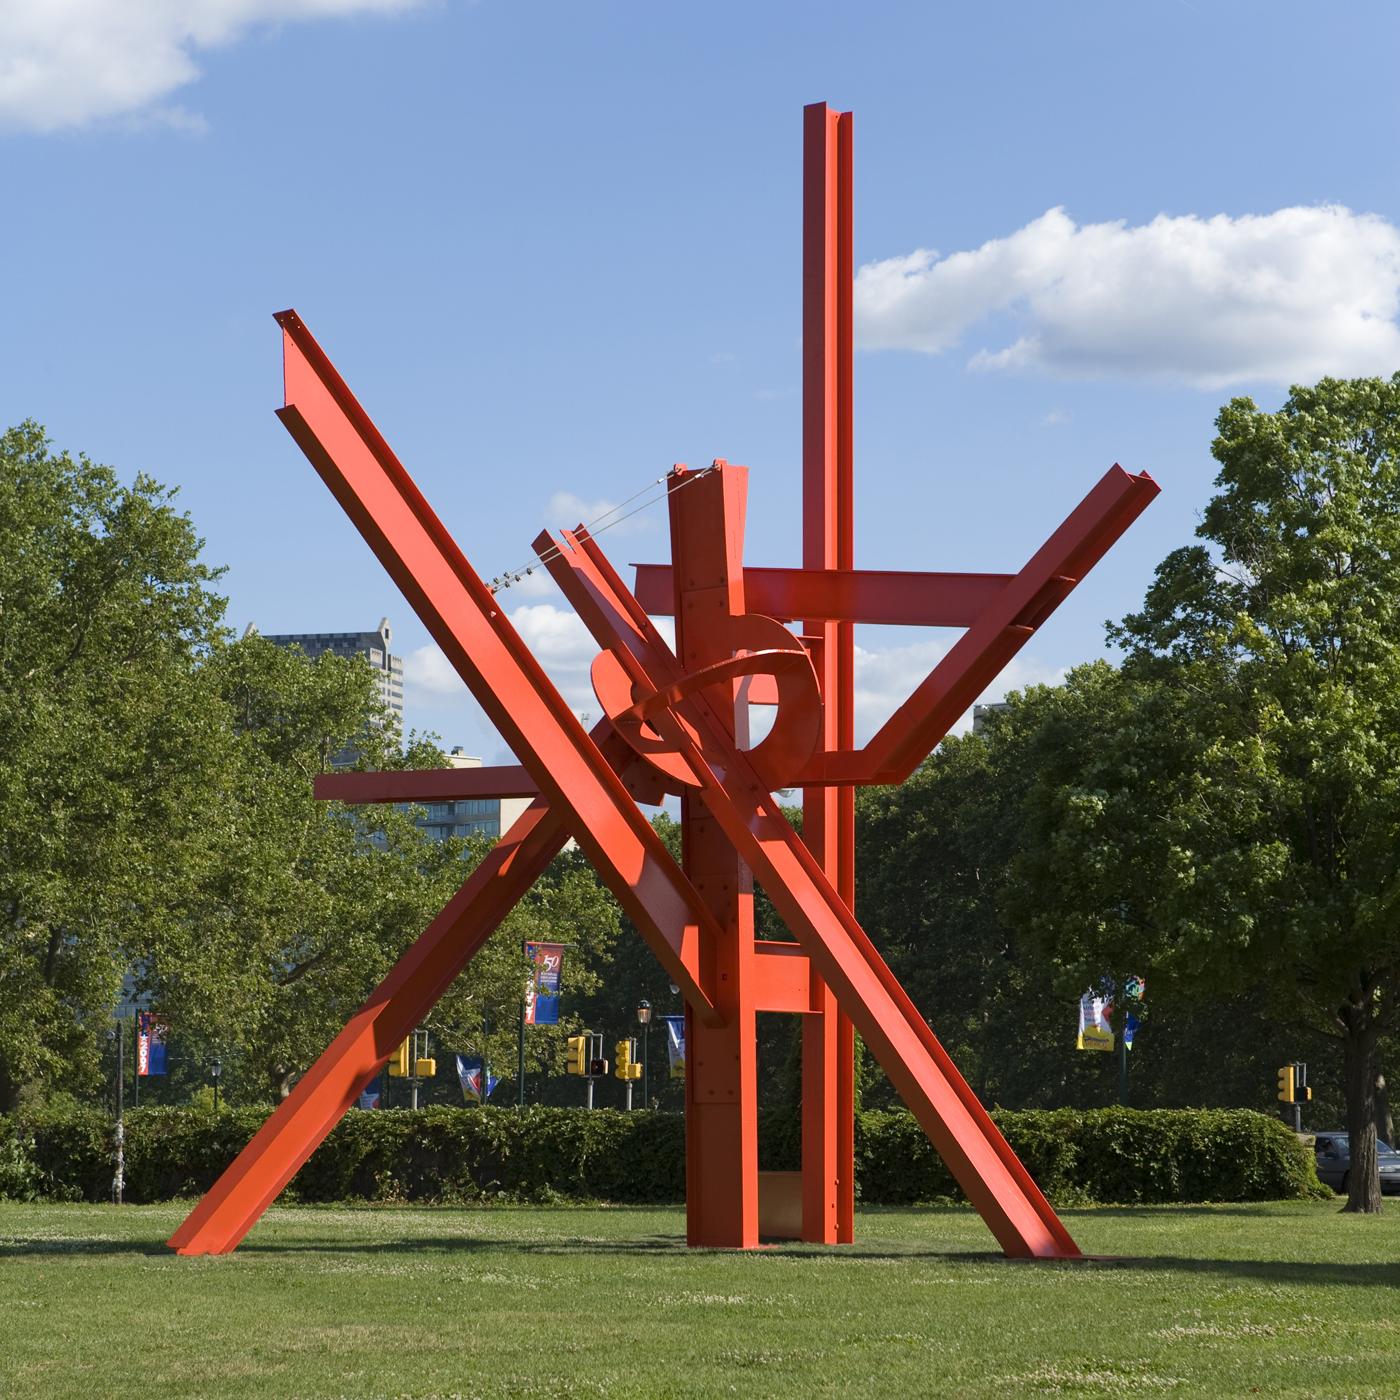 Iroquois - Association for Public Art